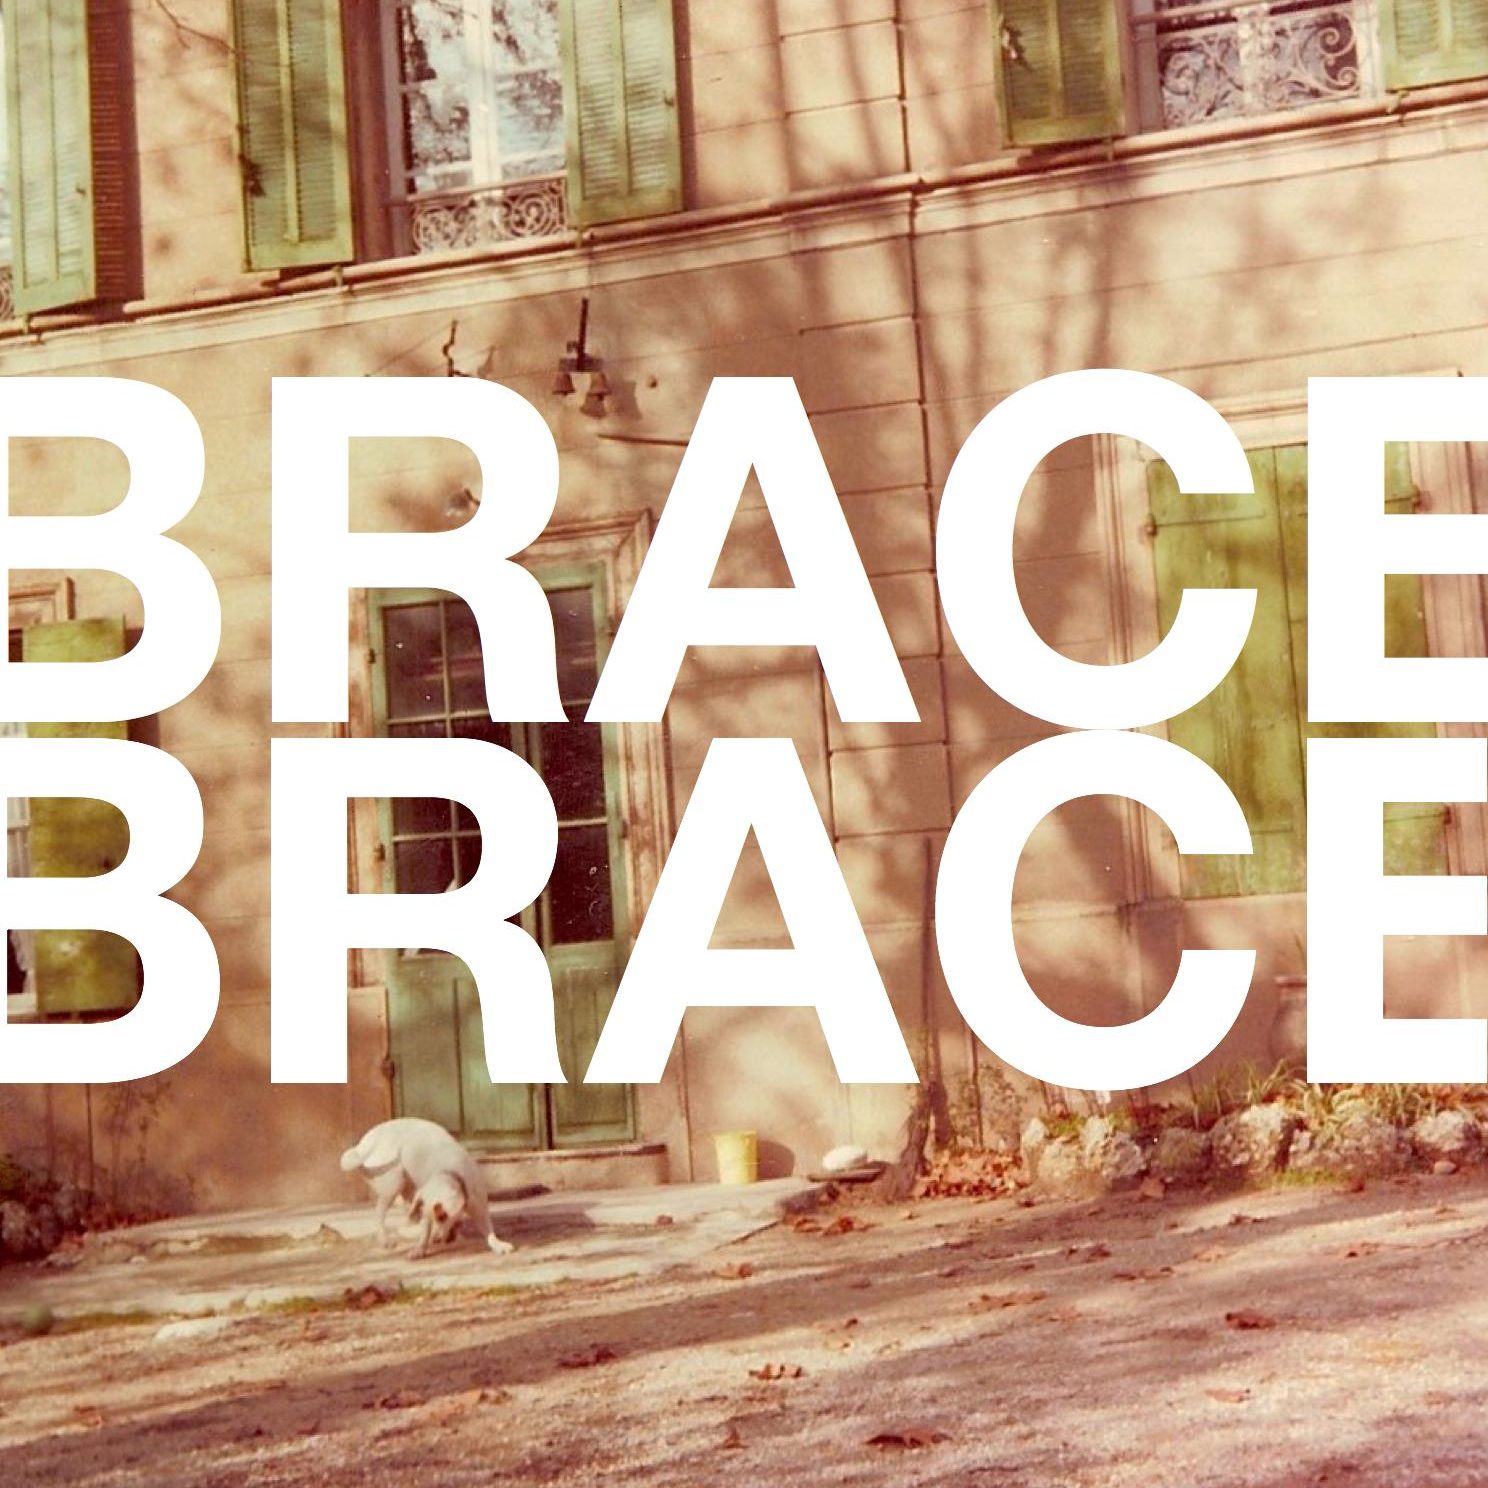 Brace! Brace! – Standard